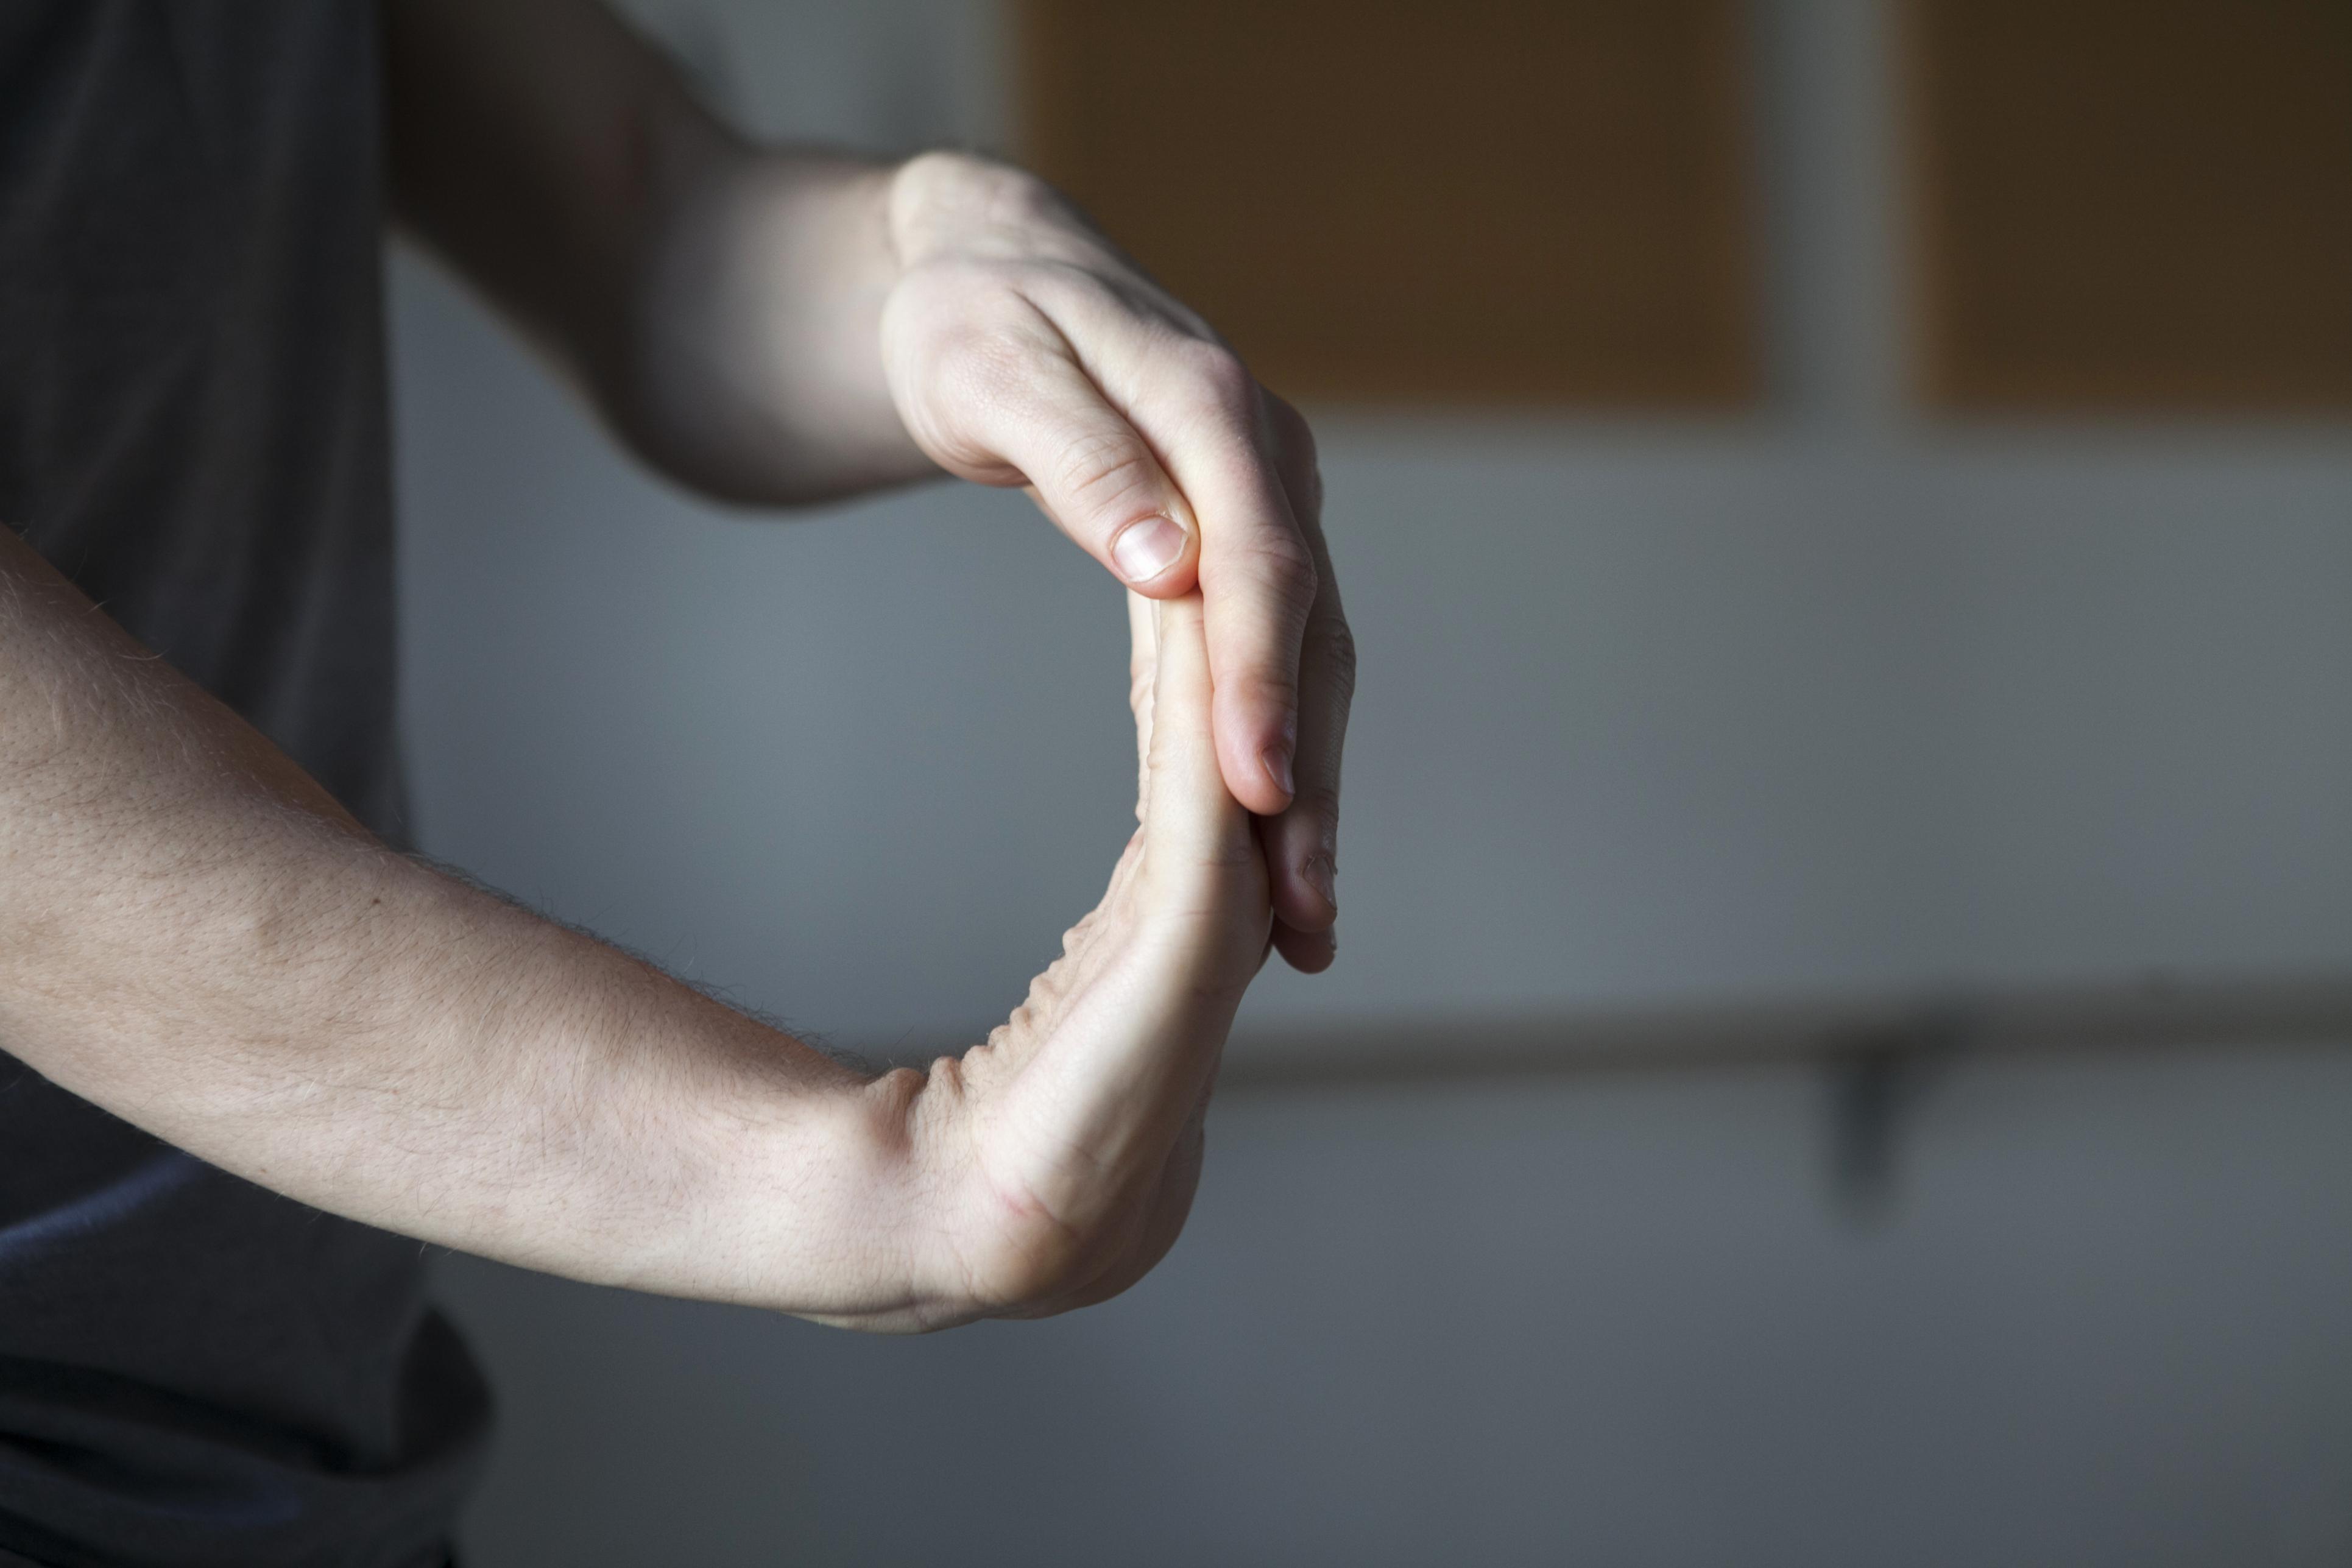 Det finns stretchövningar som exempelvis kontorsarbetare kan göra under arbetsdagen och som lindrar besvären hos de som drabbats av musarm.